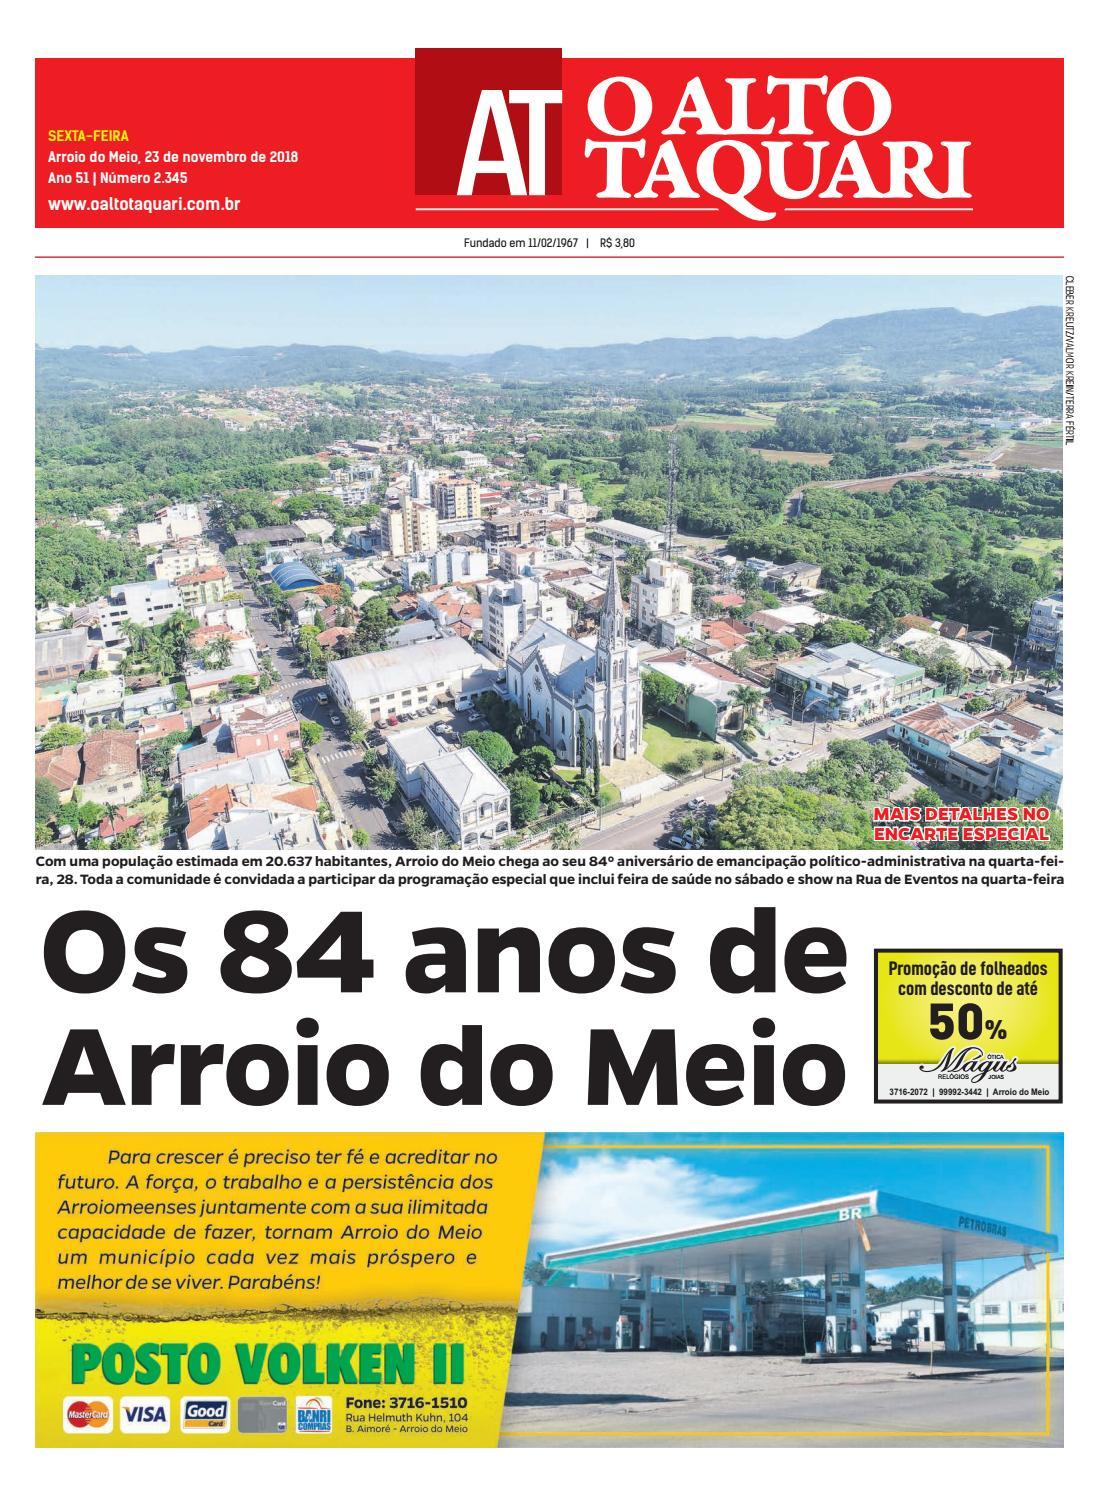 Jornal O Alto Taquari - 23 de novembro de 2018 by Jornal O Alto Taquari -  issuu fe352ad86c7